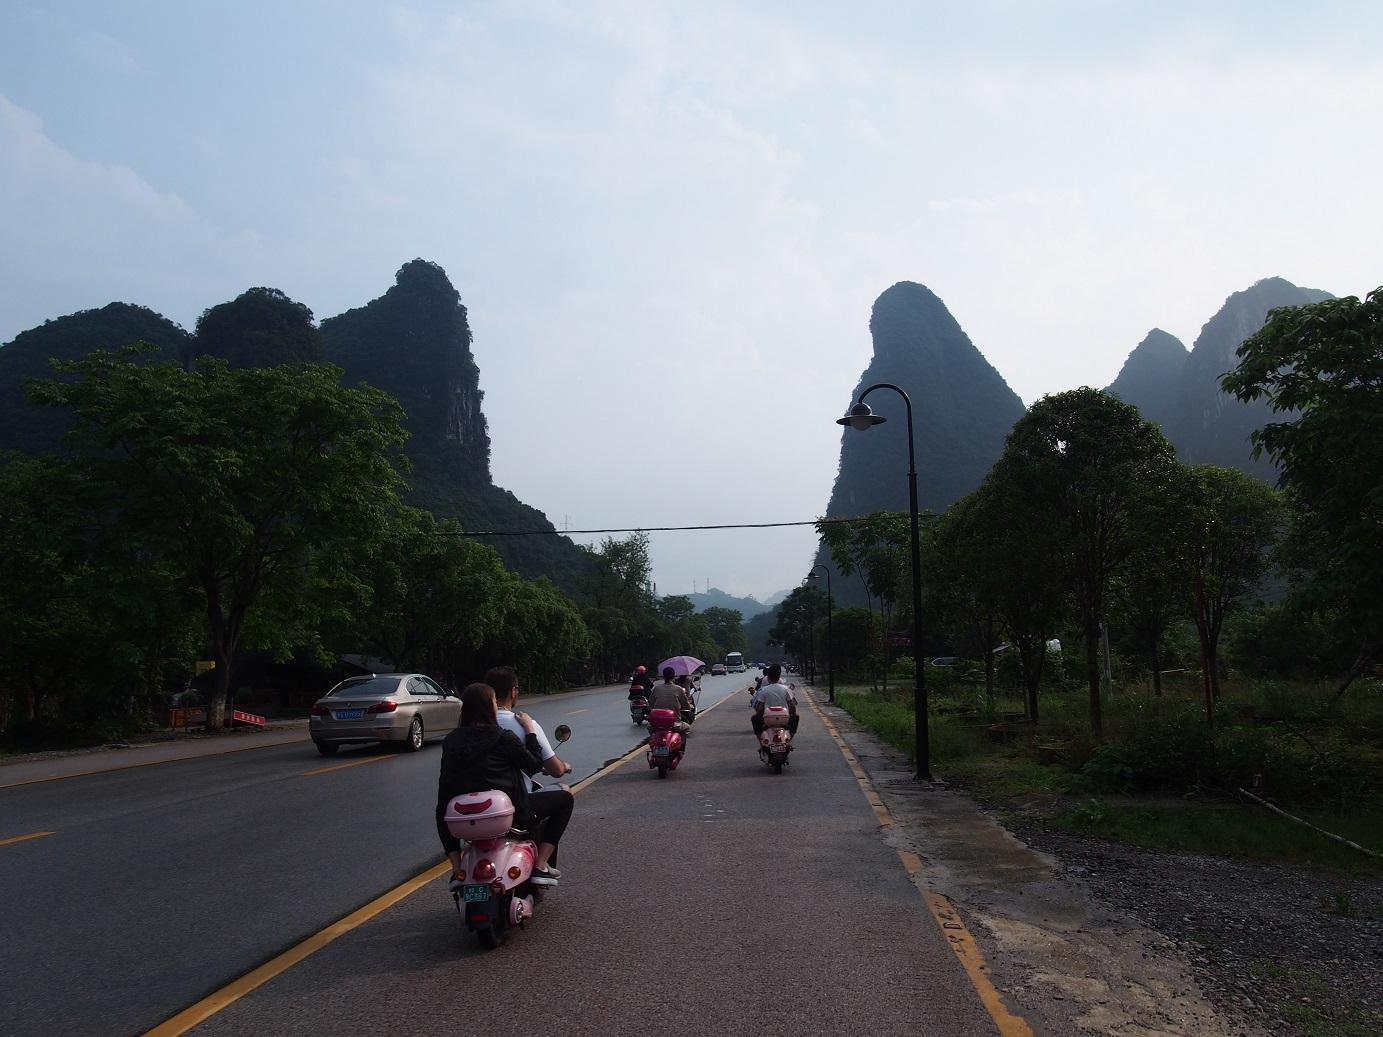 vozenie sa na skútroch v yangshuo